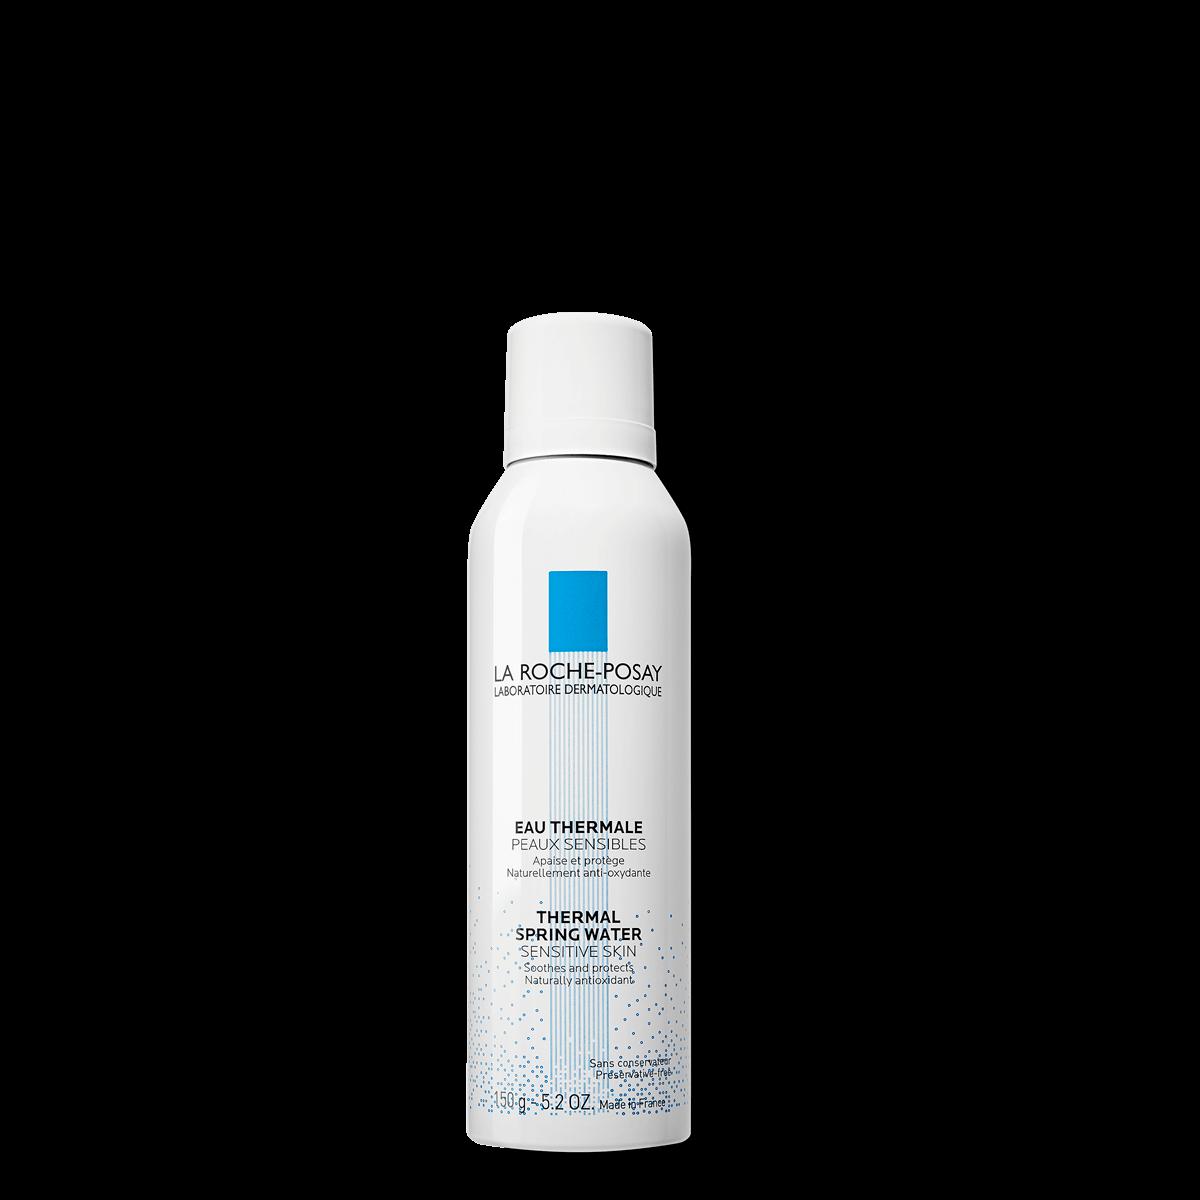 Woda termalna do twarzy WODA TERMALNA Z LA ROCHE-POSAY 150 ml Przód | La Roche Posay